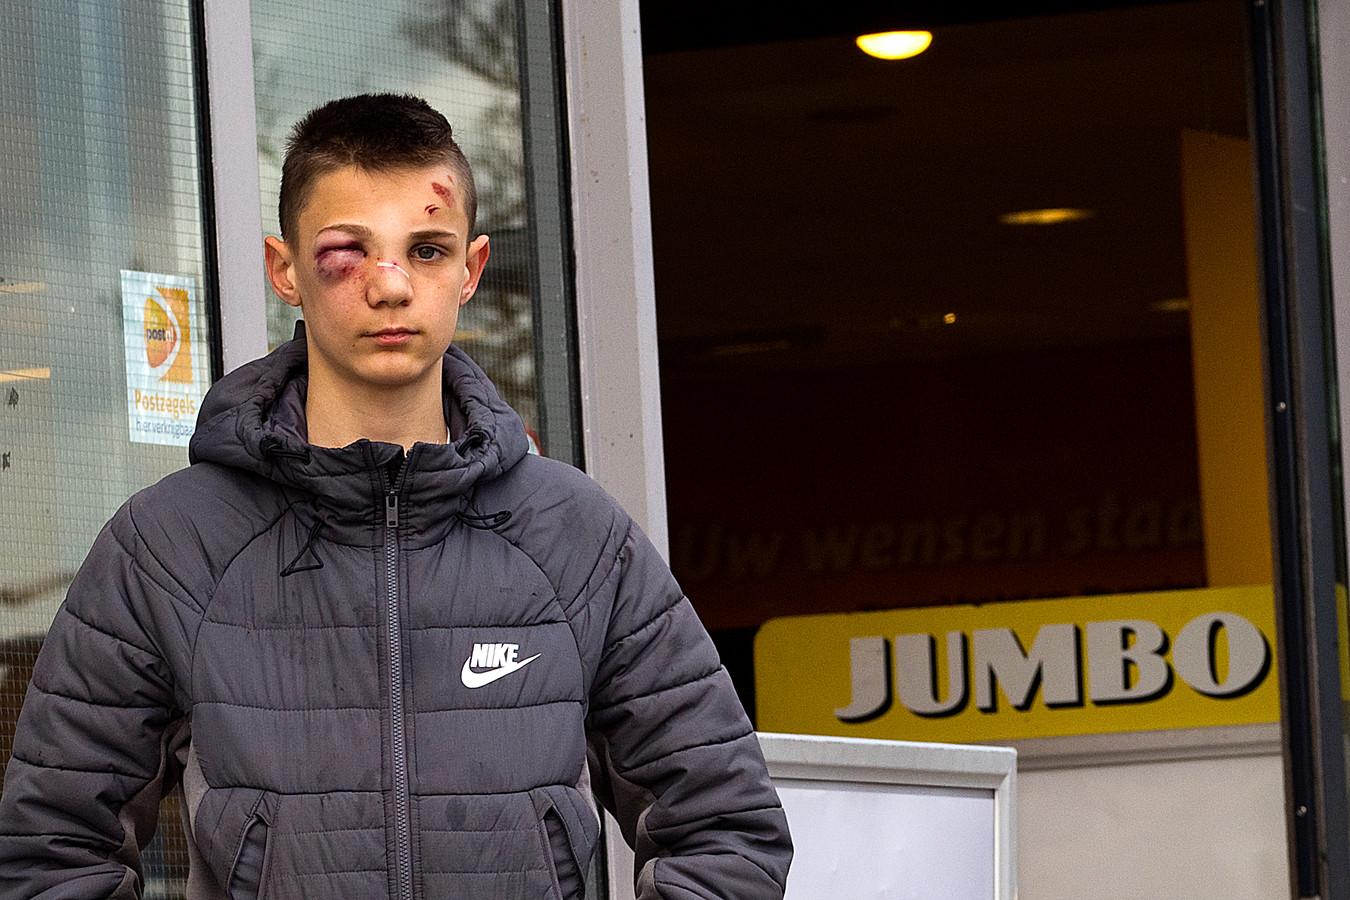 Dinand de Groot (14) de dag na de mishandeling bij de Jumbo in Sliedrecht. Hij liep onder meer een hersenschudding op.